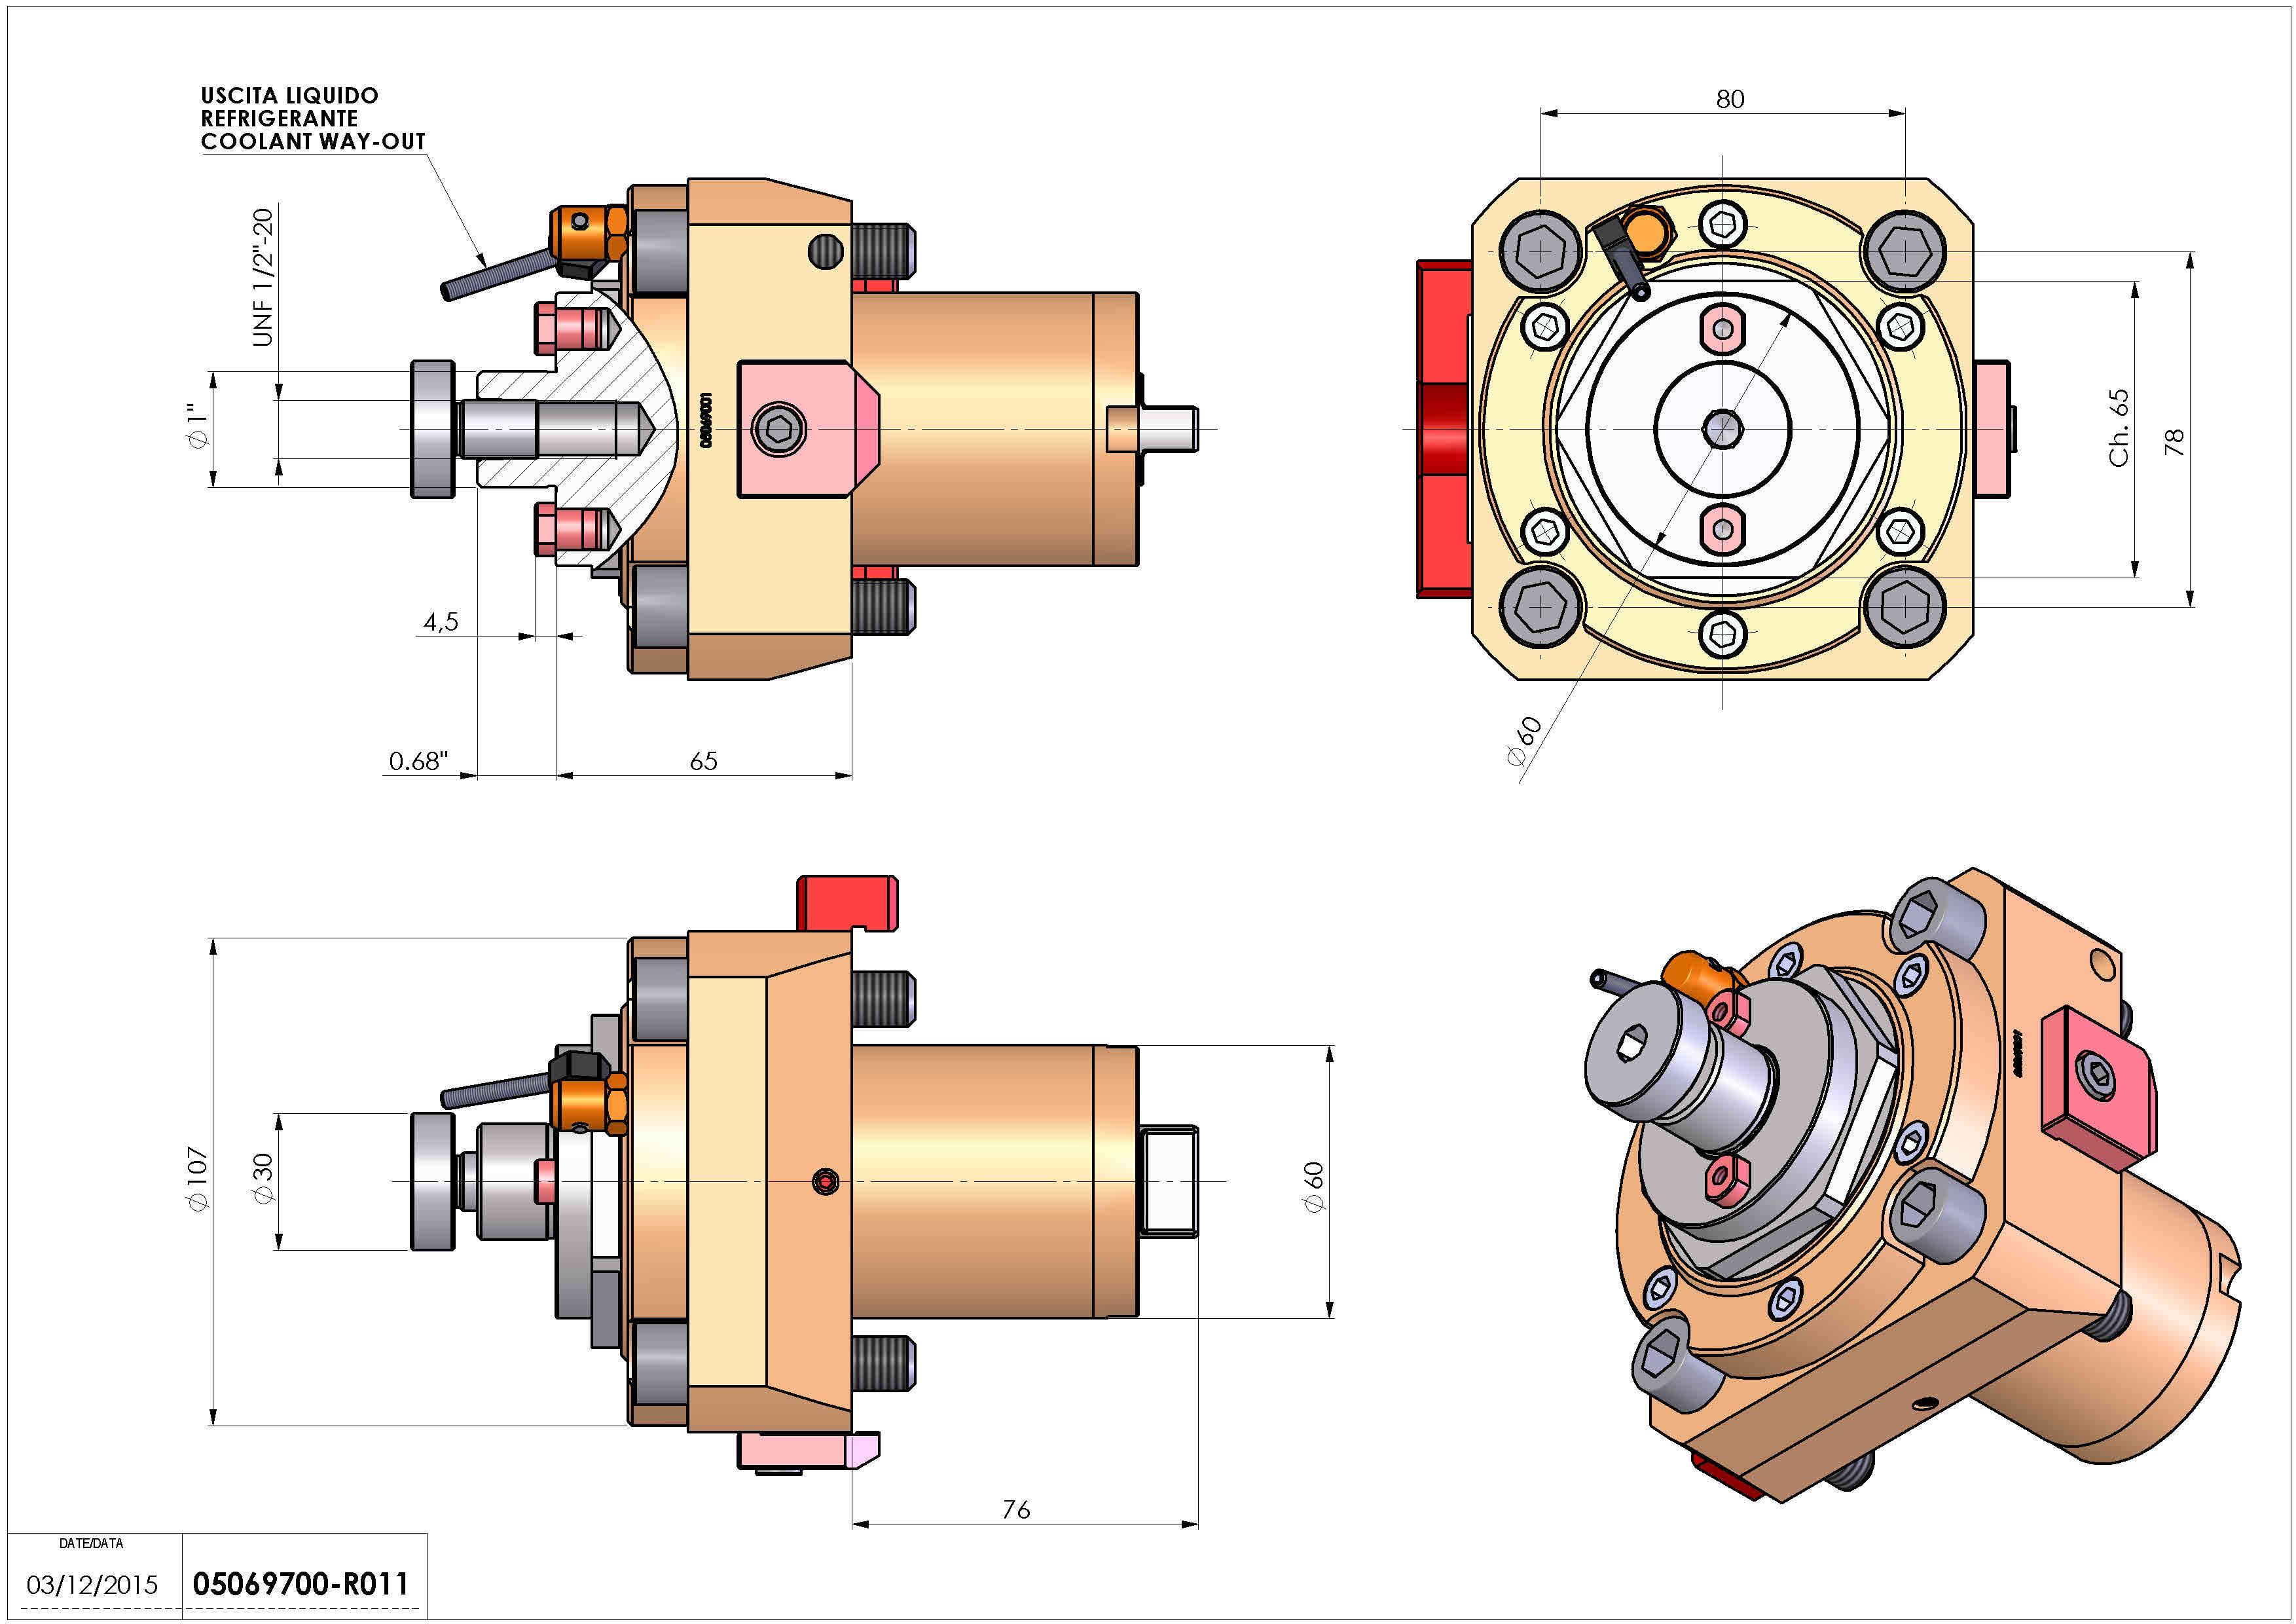 Technical image - LT-S D60 FRES D1.00 H65 OK.